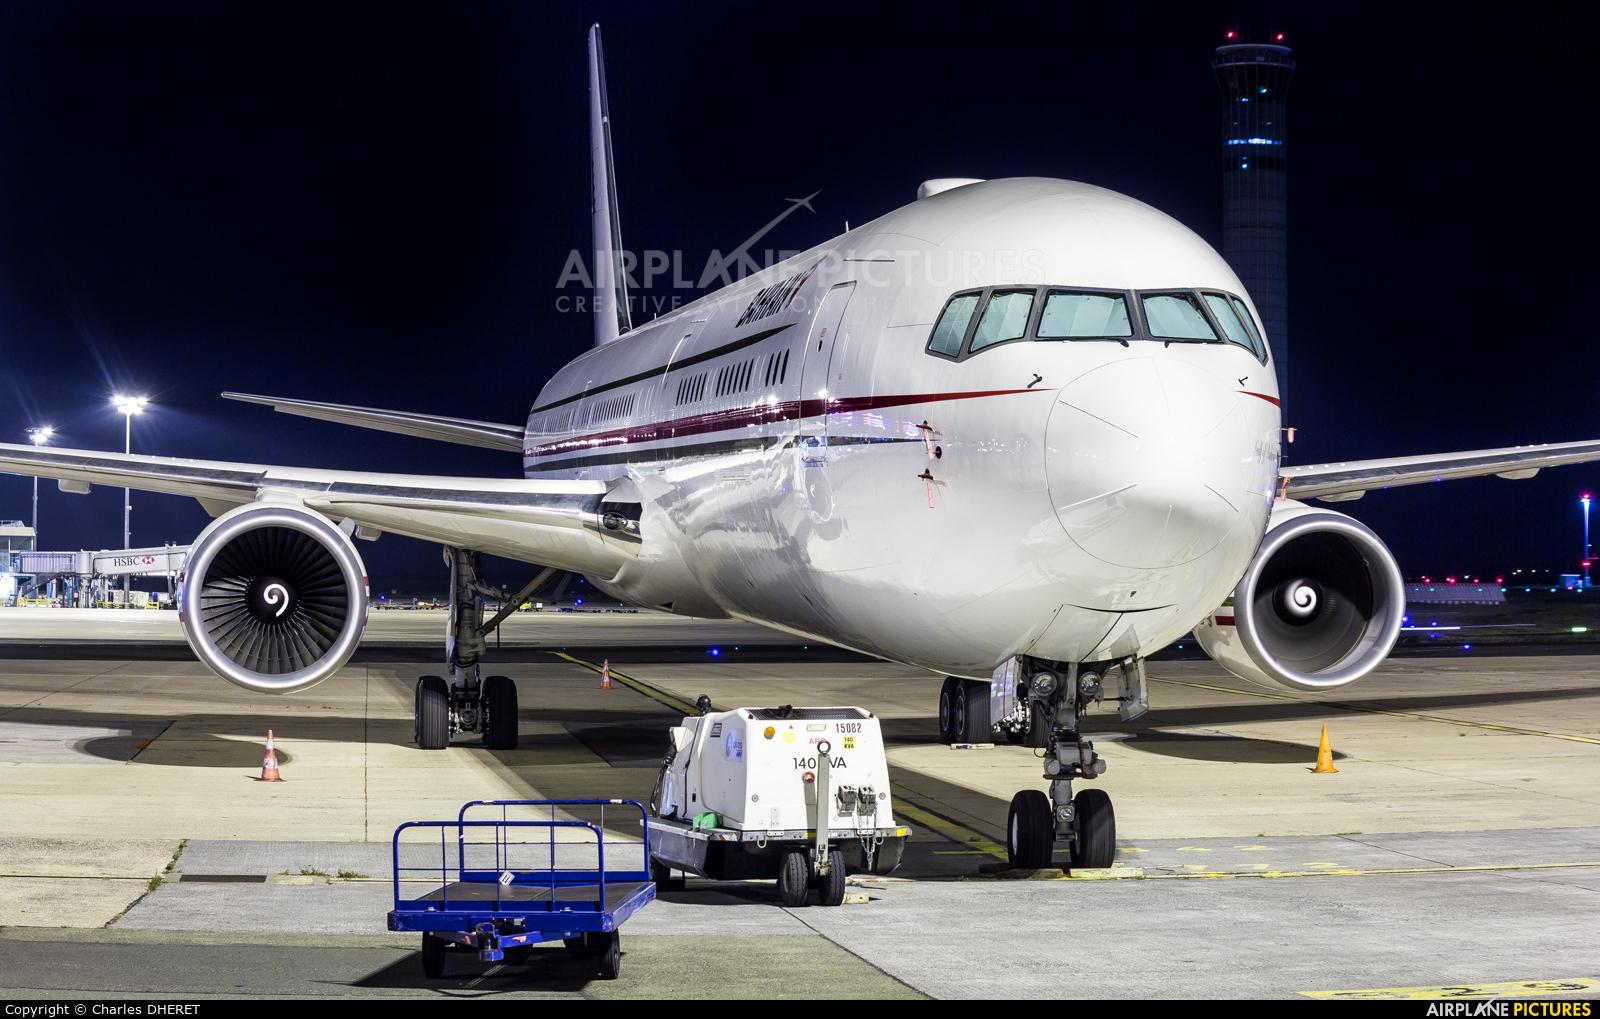 Bahrain Amiri Flight A9C-HMH aircraft at Paris - Charles de Gaulle